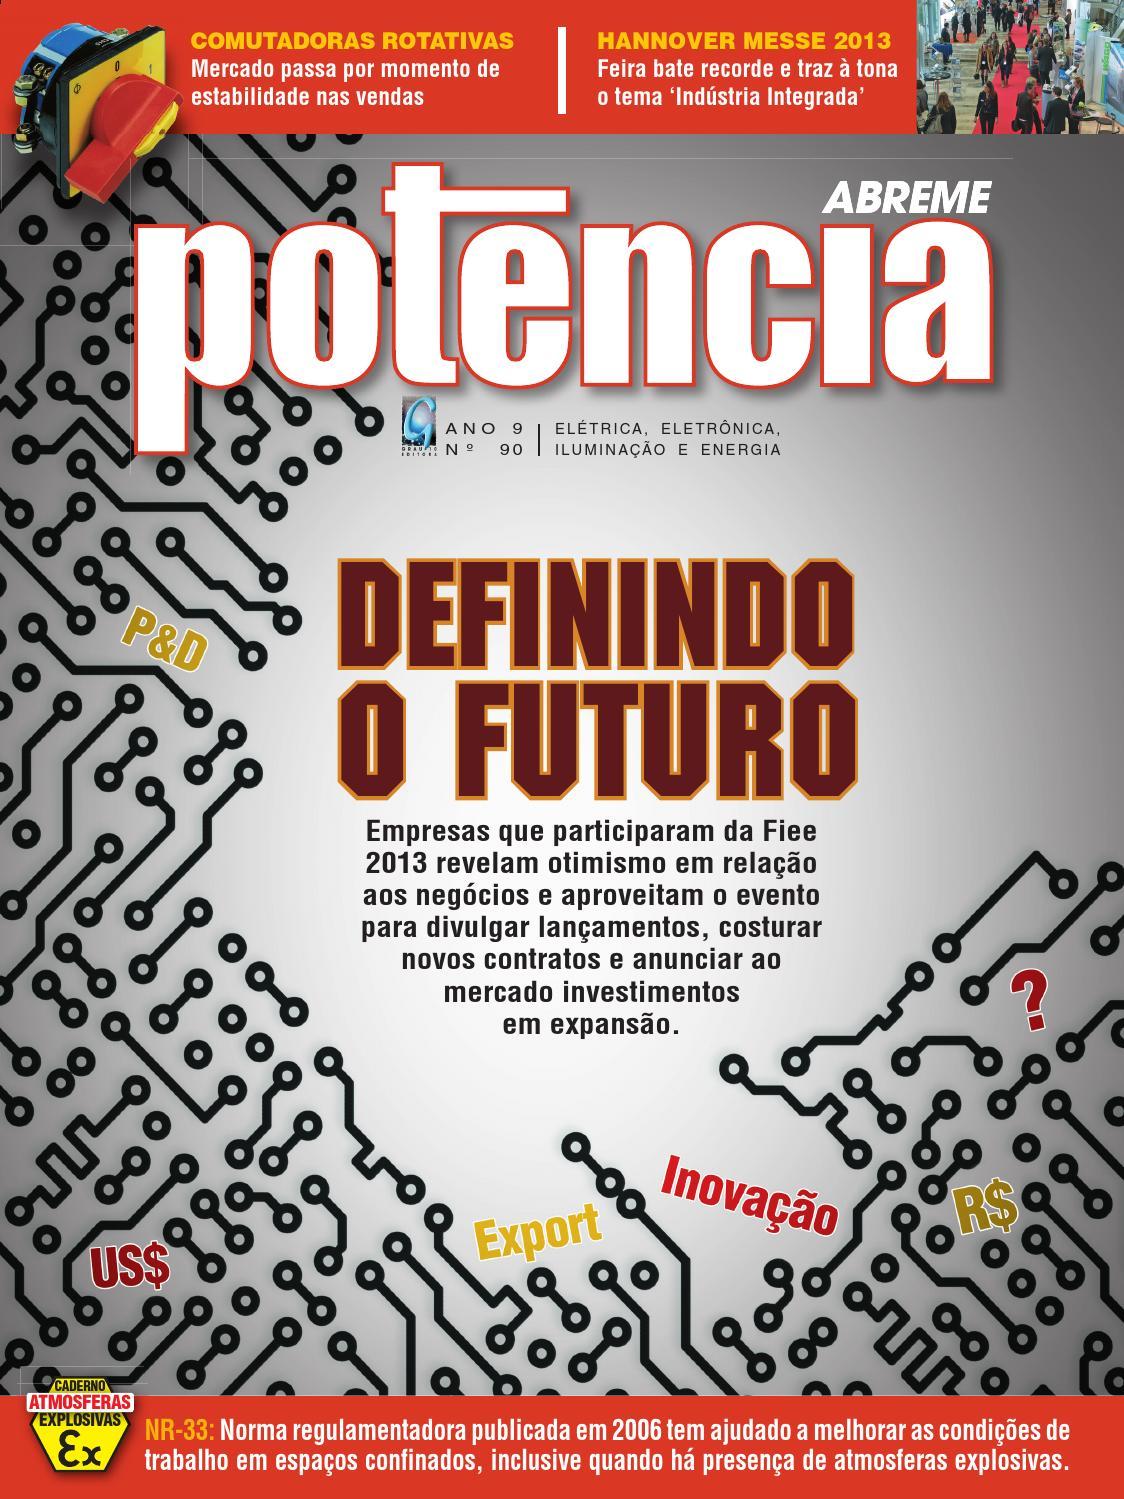 ec0efe52d0c Revista Potência - Edição 90 - abril de 2013 by Revista Potência - issuu